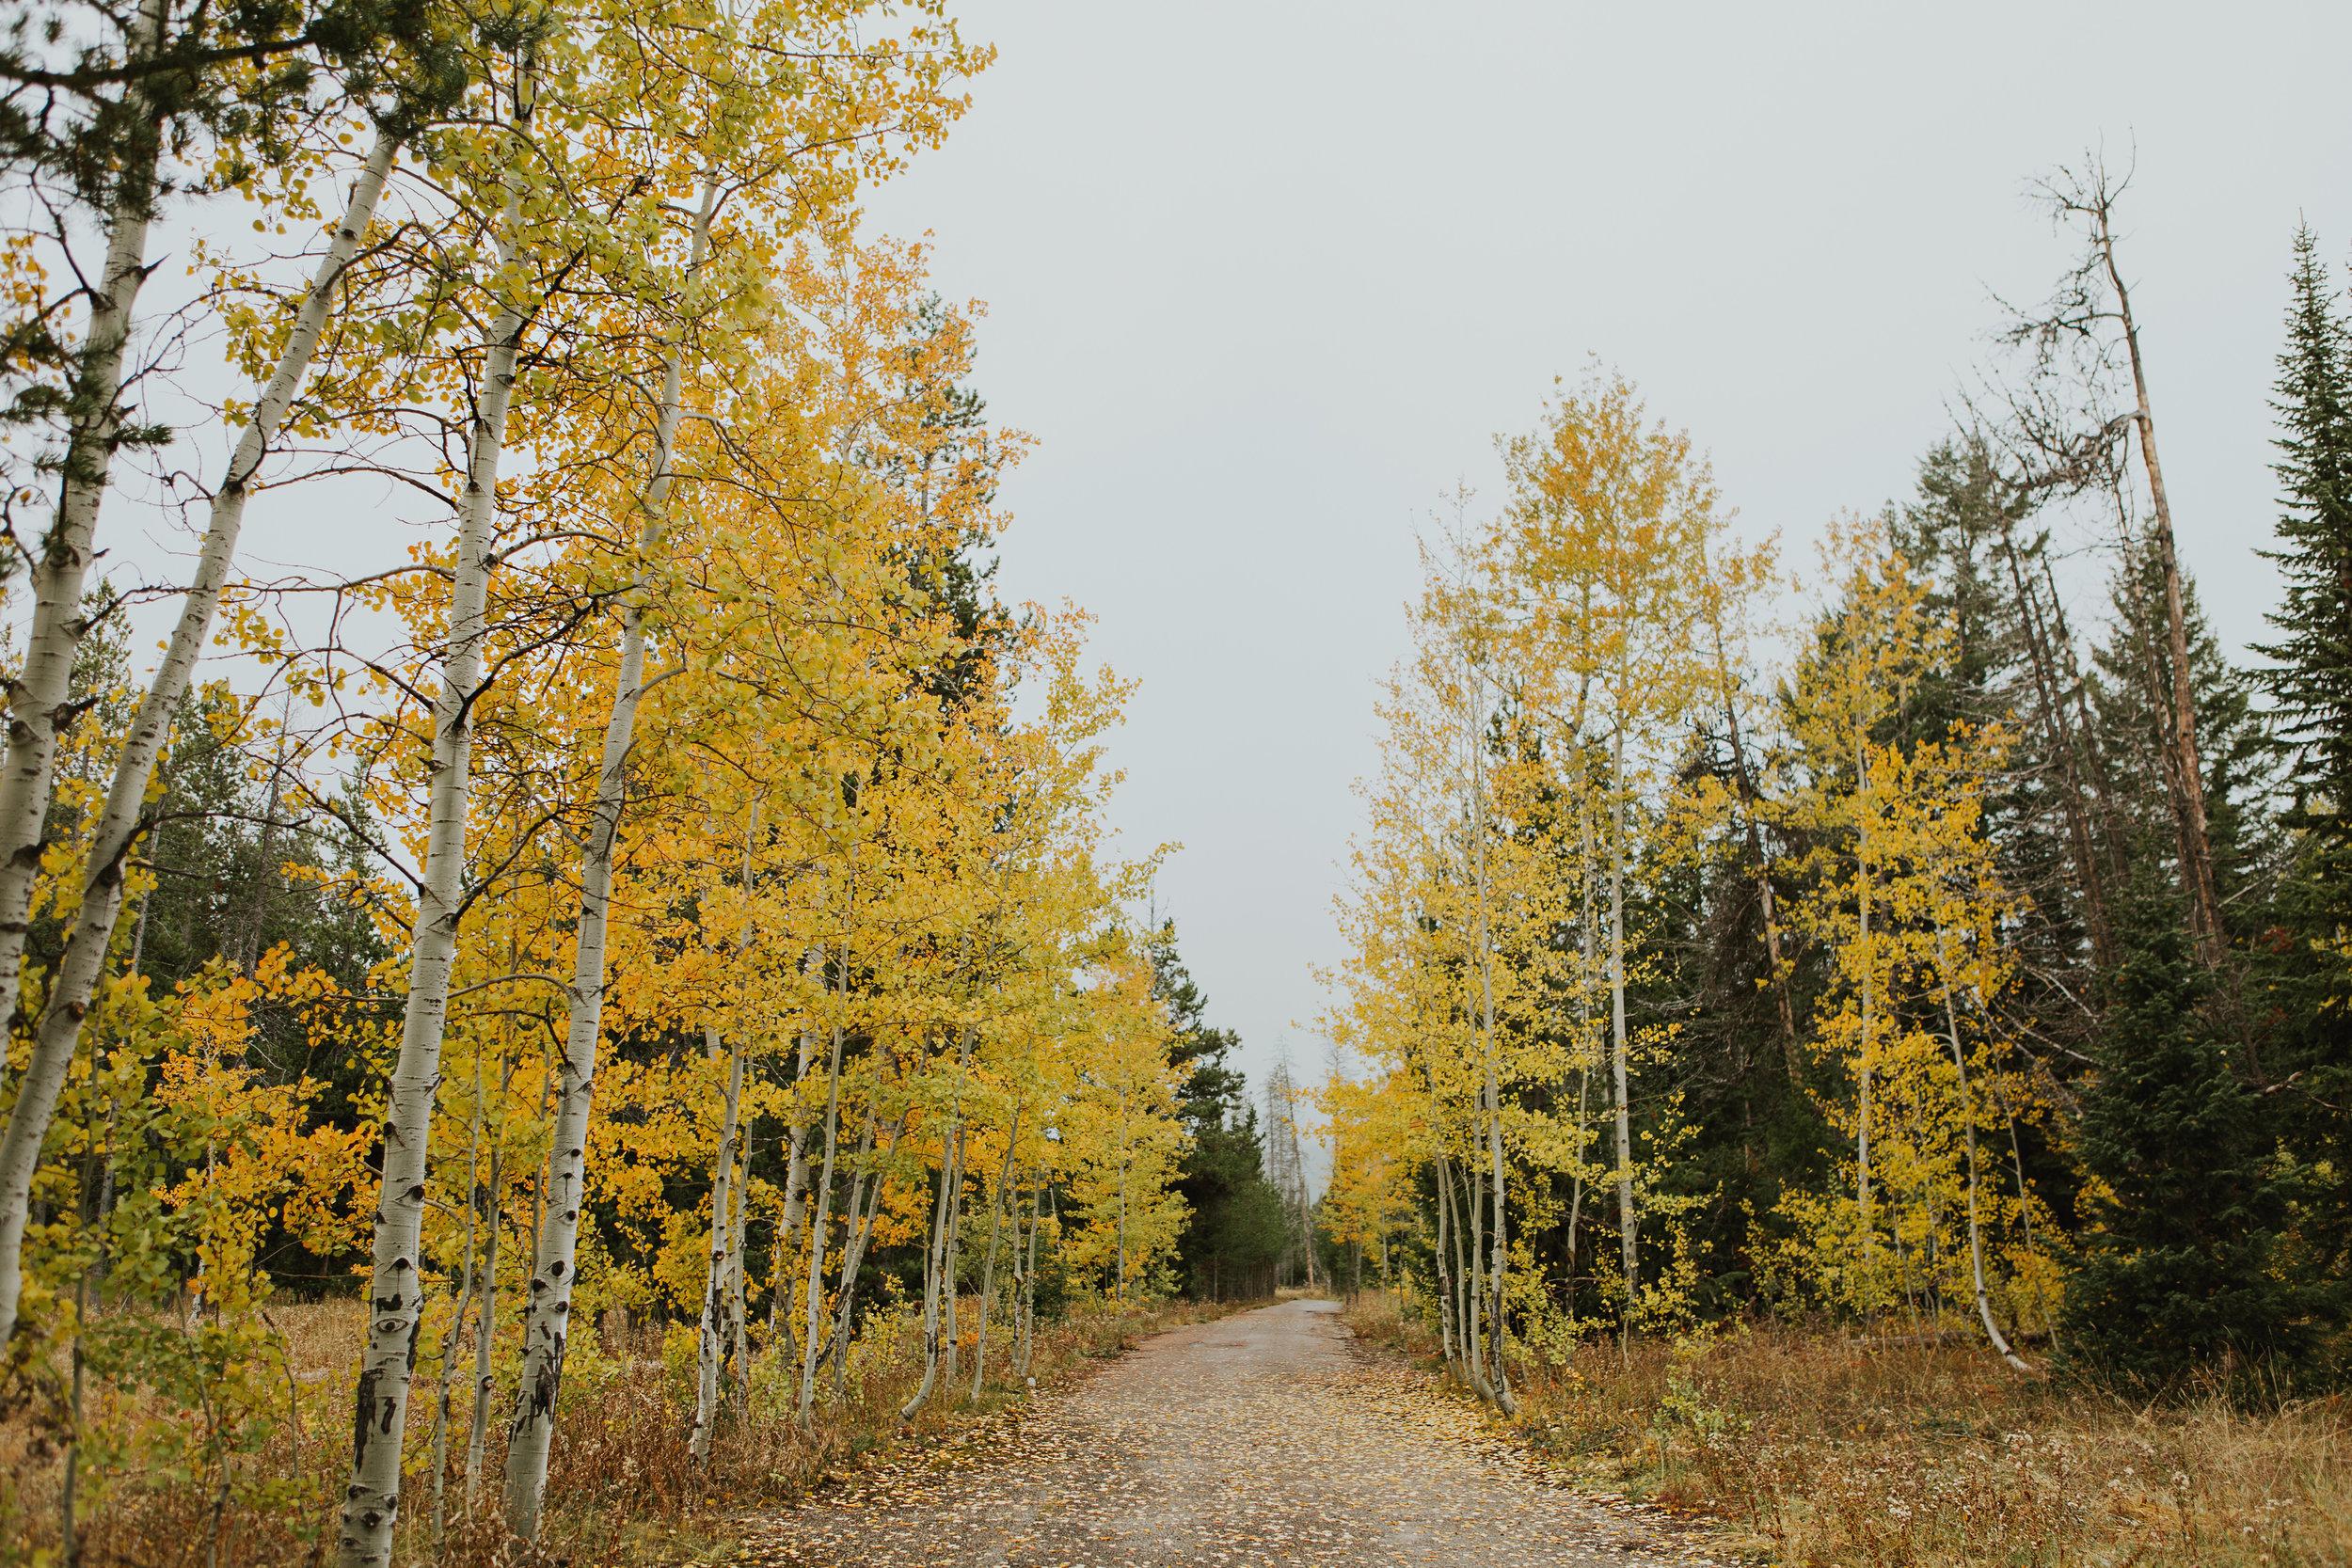 CindyGiovagnoli_Grand_Teton_National_Park_mountains_Bison_Autumn_Wyoming_Mormon_Row_aspens_fall_outdoor_photographer-019.jpg